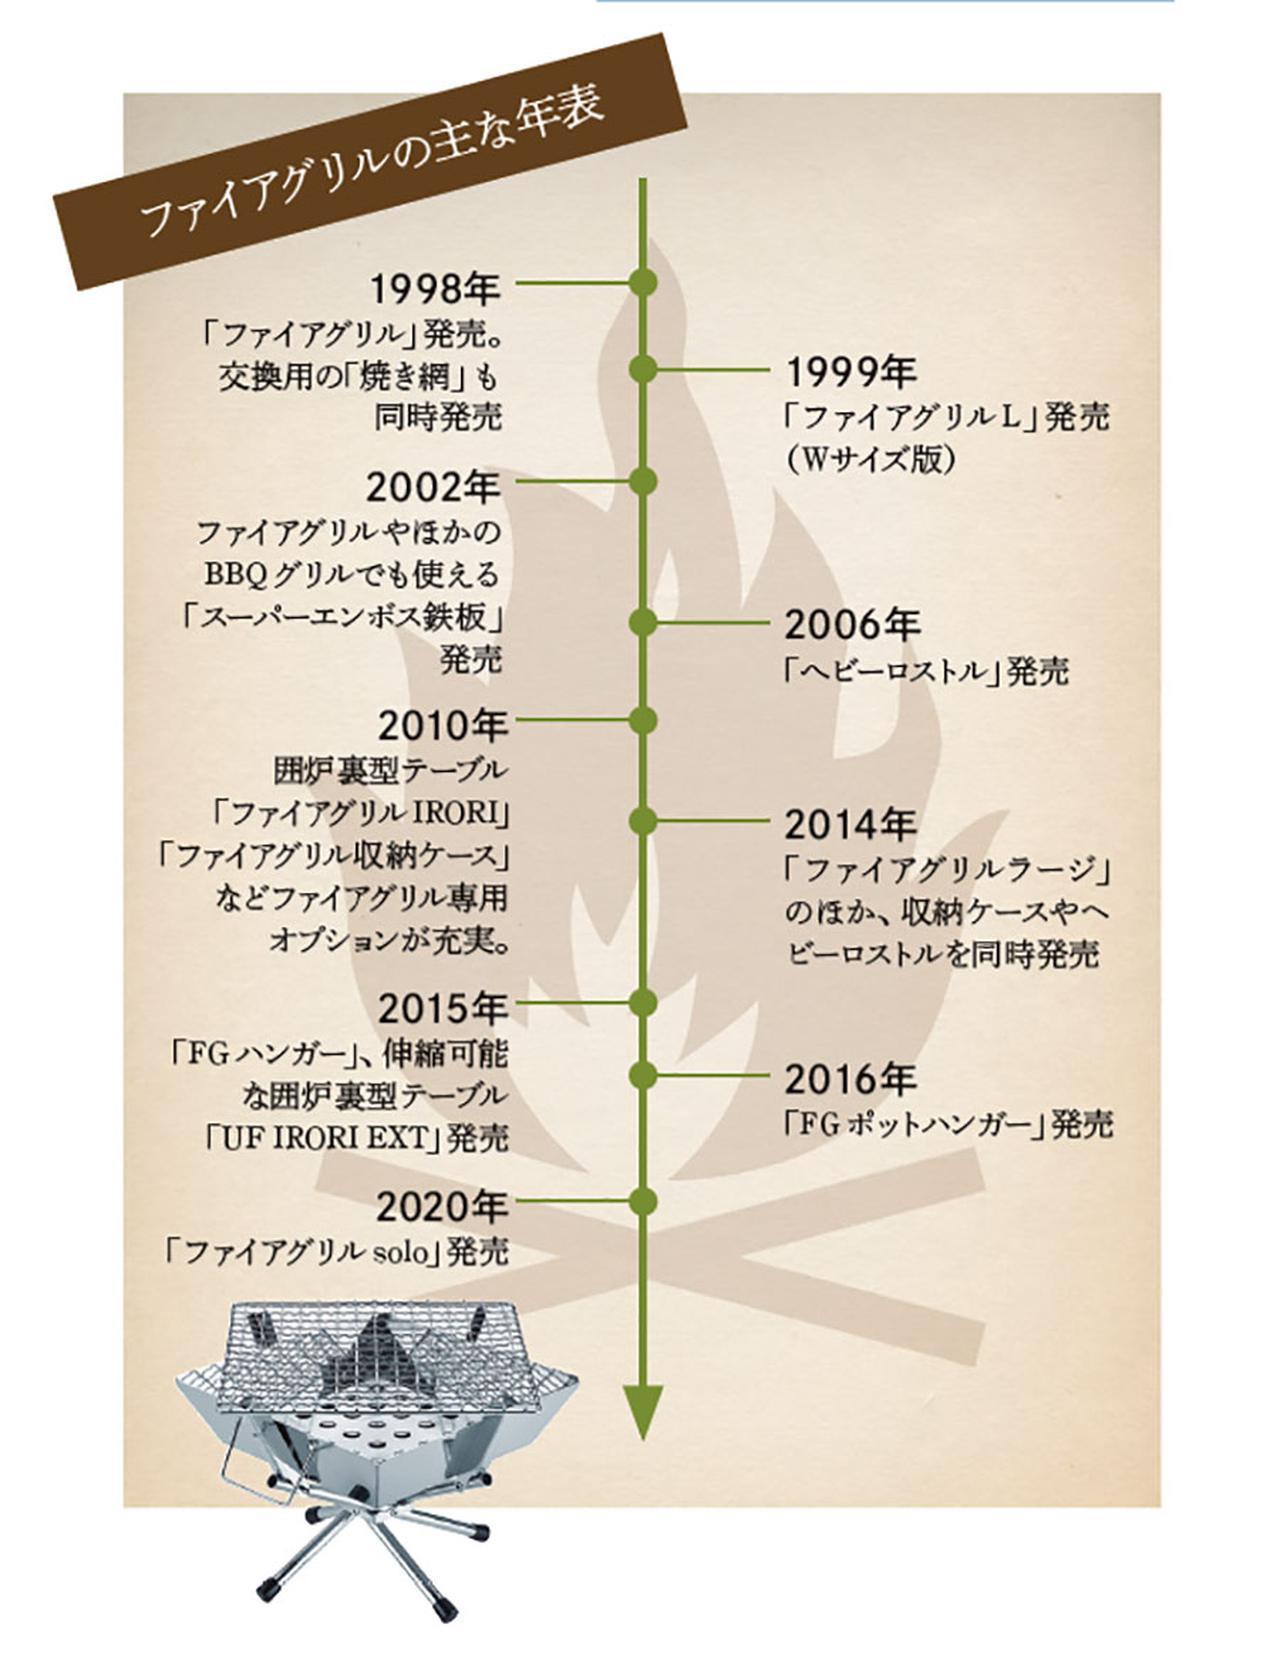 画像: ユニフレーム「ファイアグリル」の歴史